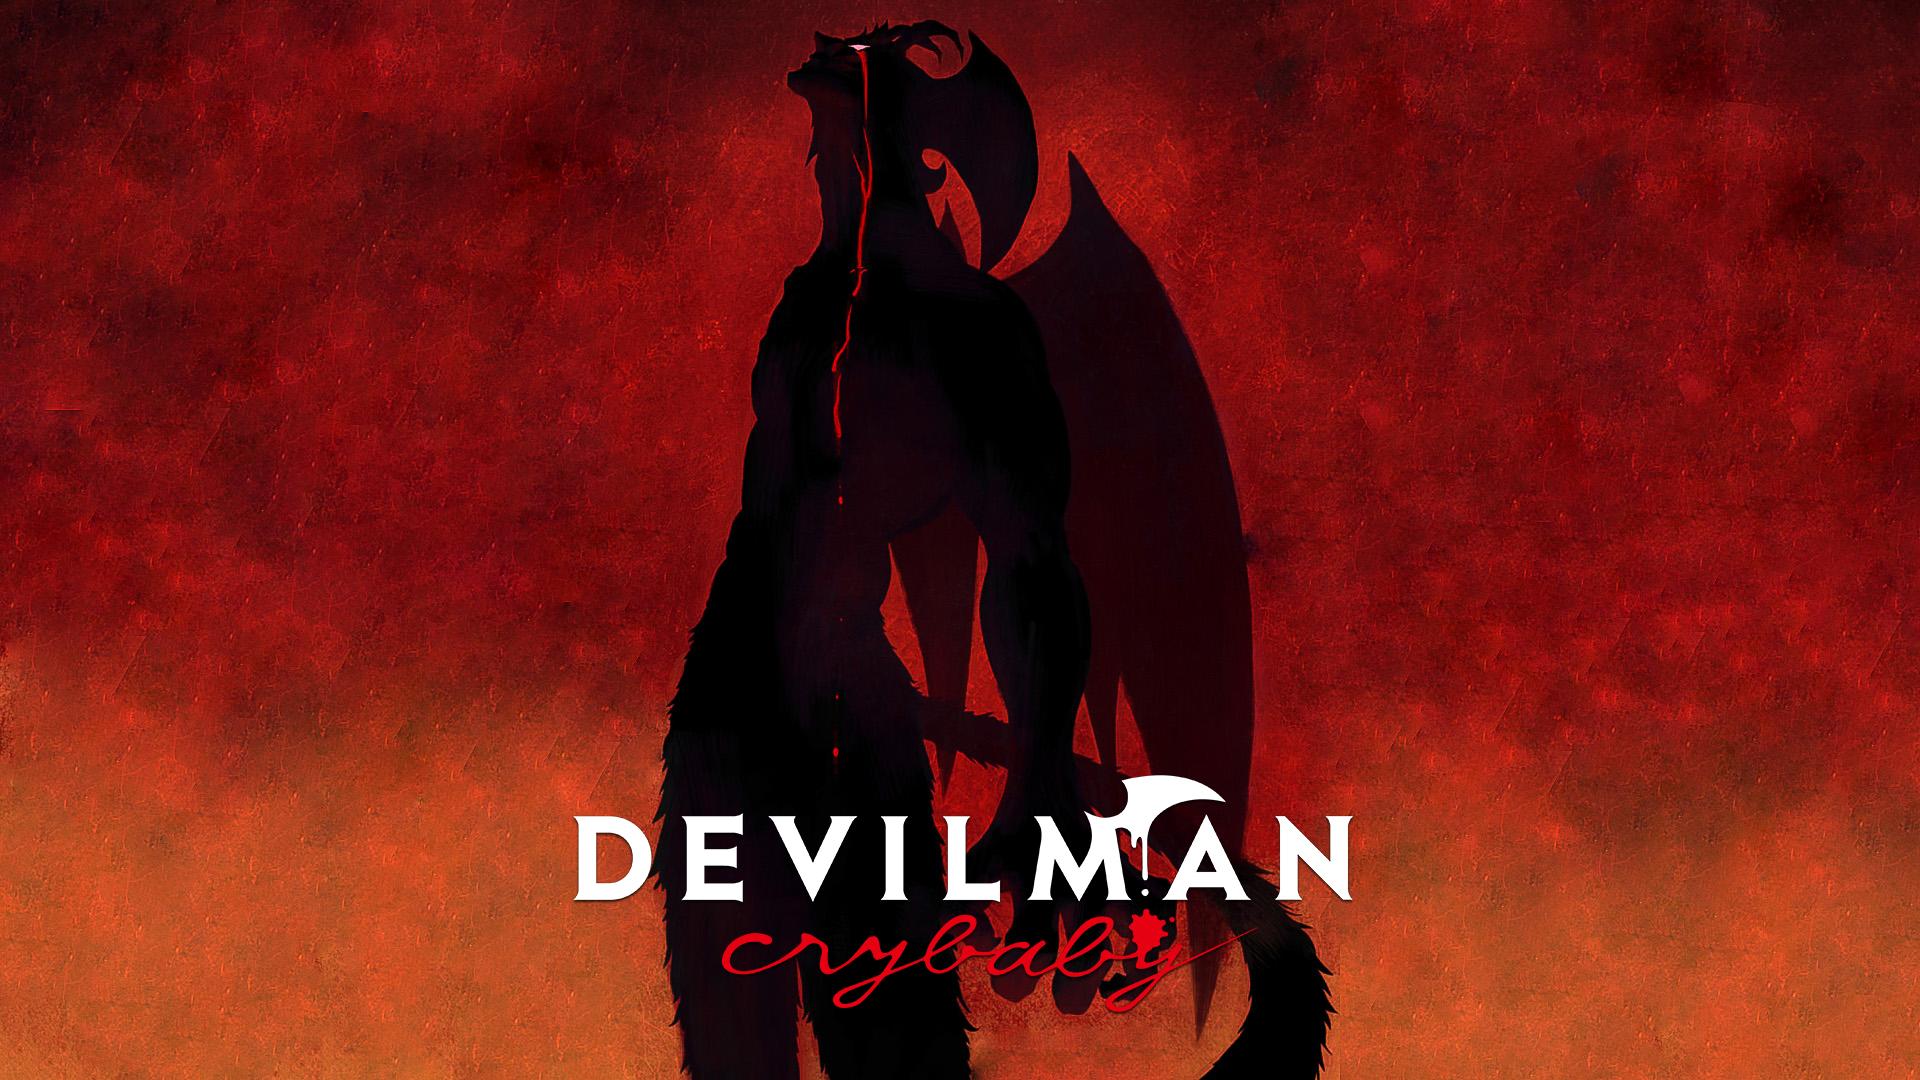 Devilman Crybaby Hd Wallpaper Hintergrund 1920x1080 Id915514